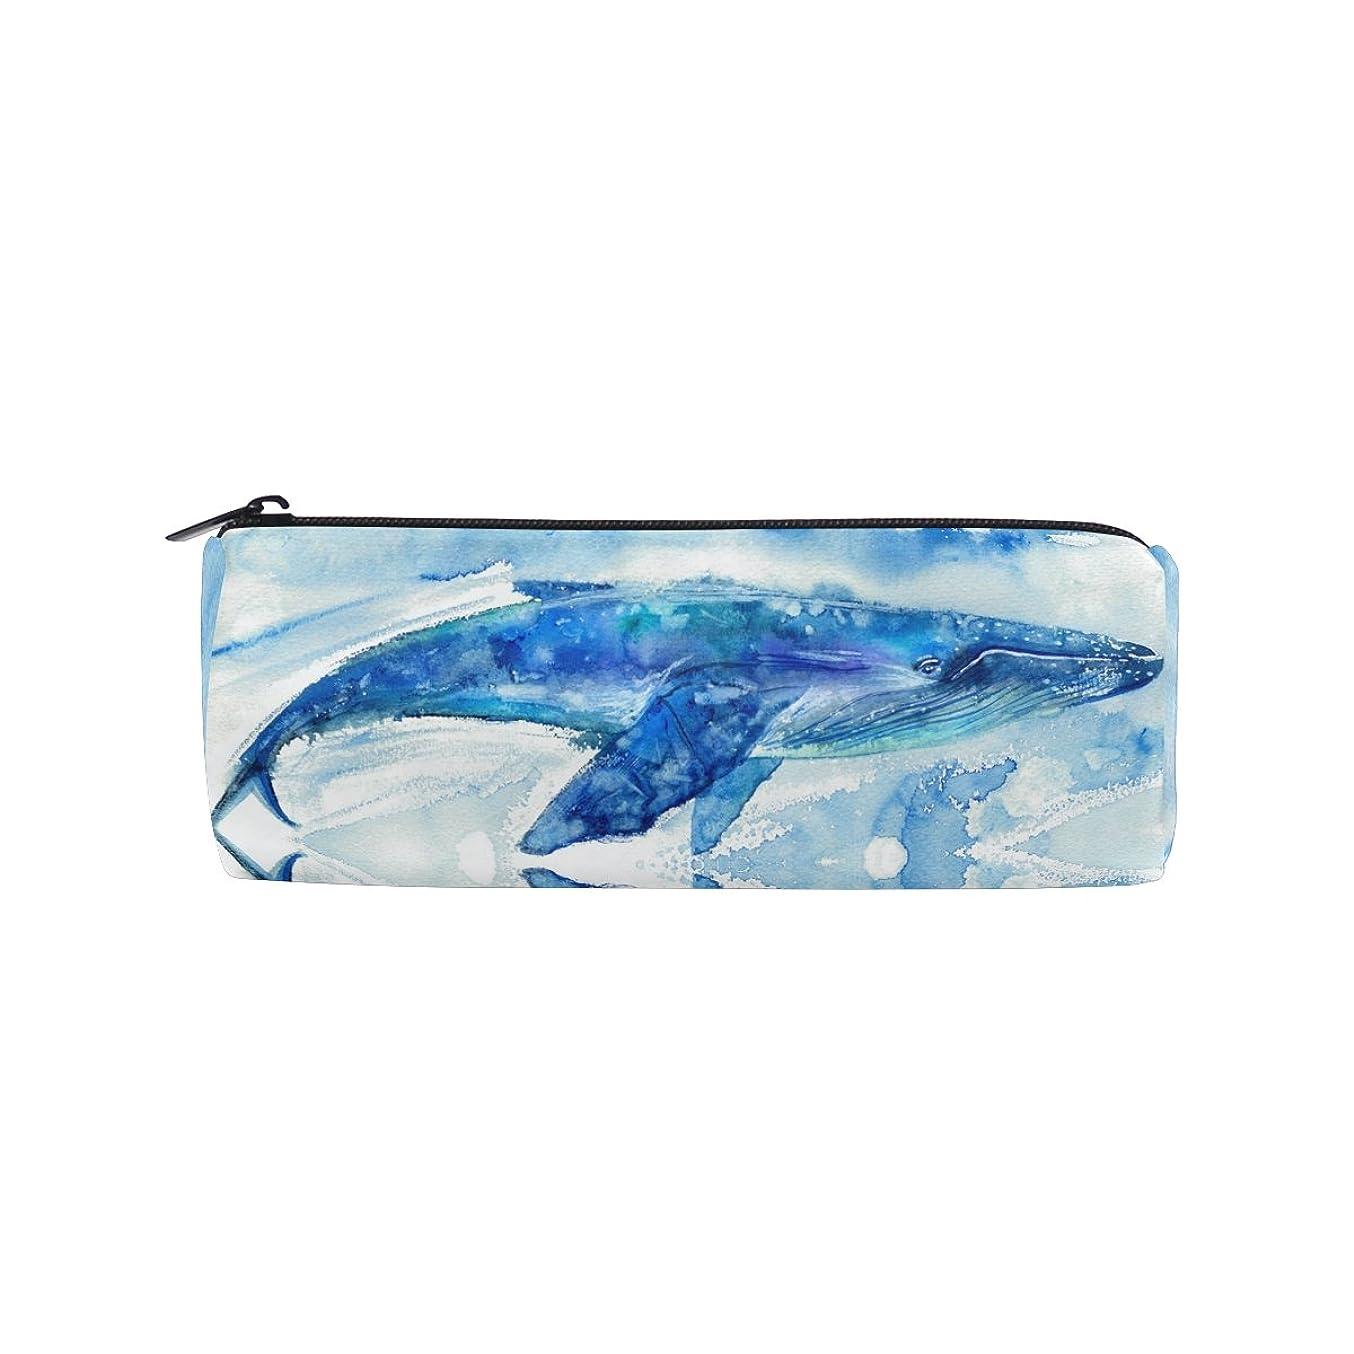 稼ぐ不実アッティカスAOMOKI ペンケース ペンポーチ 筒型 化粧ポーチ 多機能バッグ 男女兼用 ペンバッグ 化粧バッグ おしゃれ ブルー ホエール 水彩 クジラ